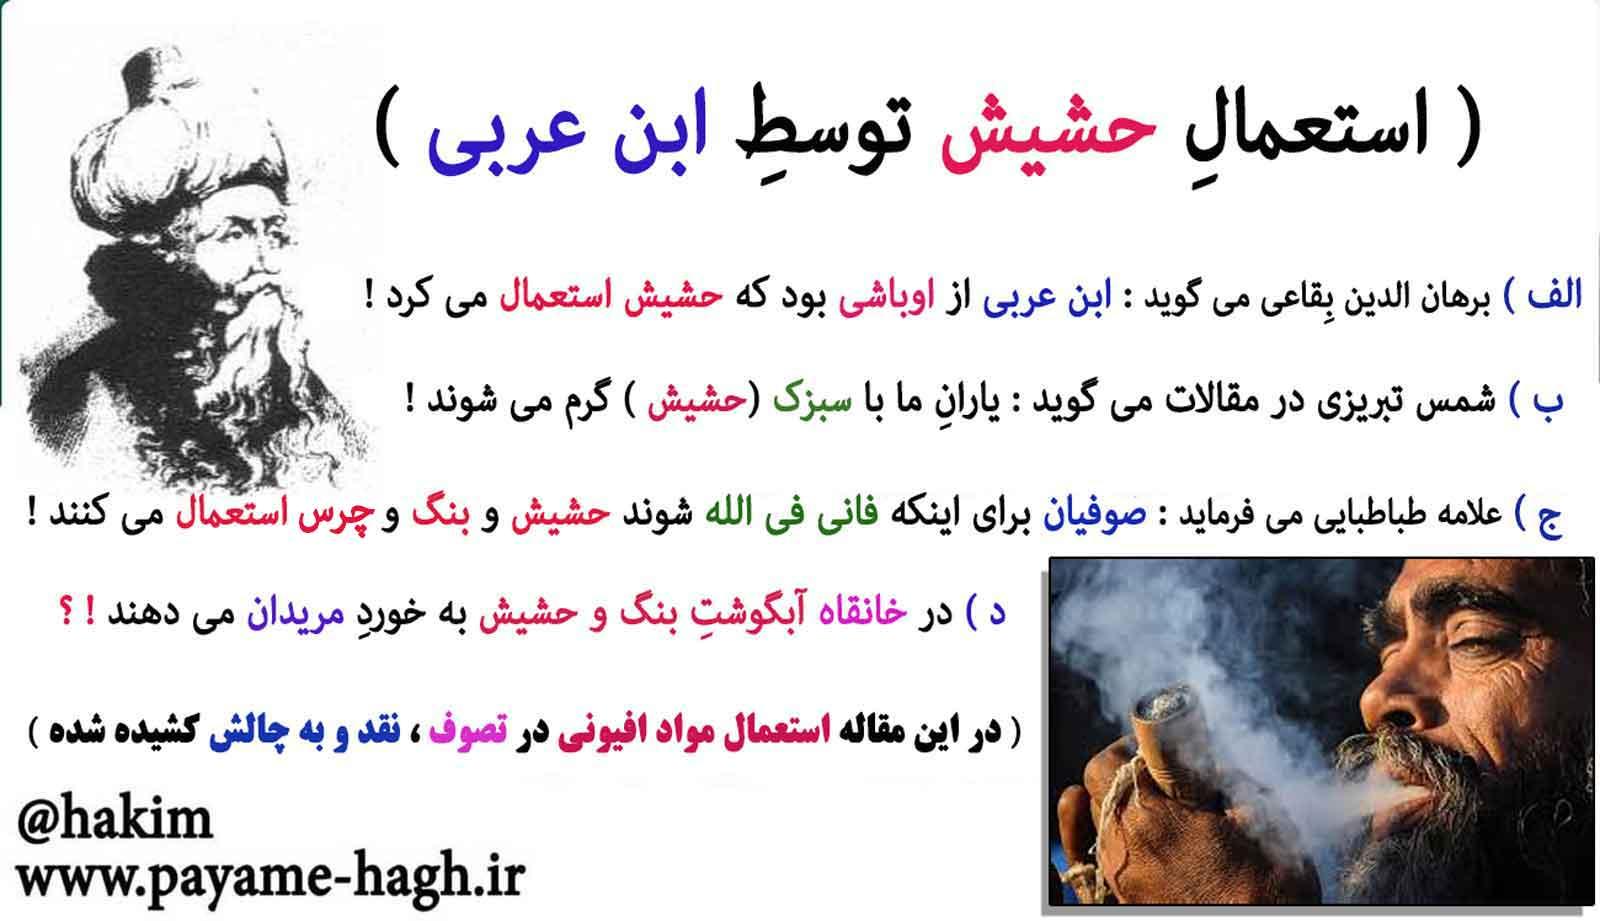 استعمال حشیش توسط ابن عربی